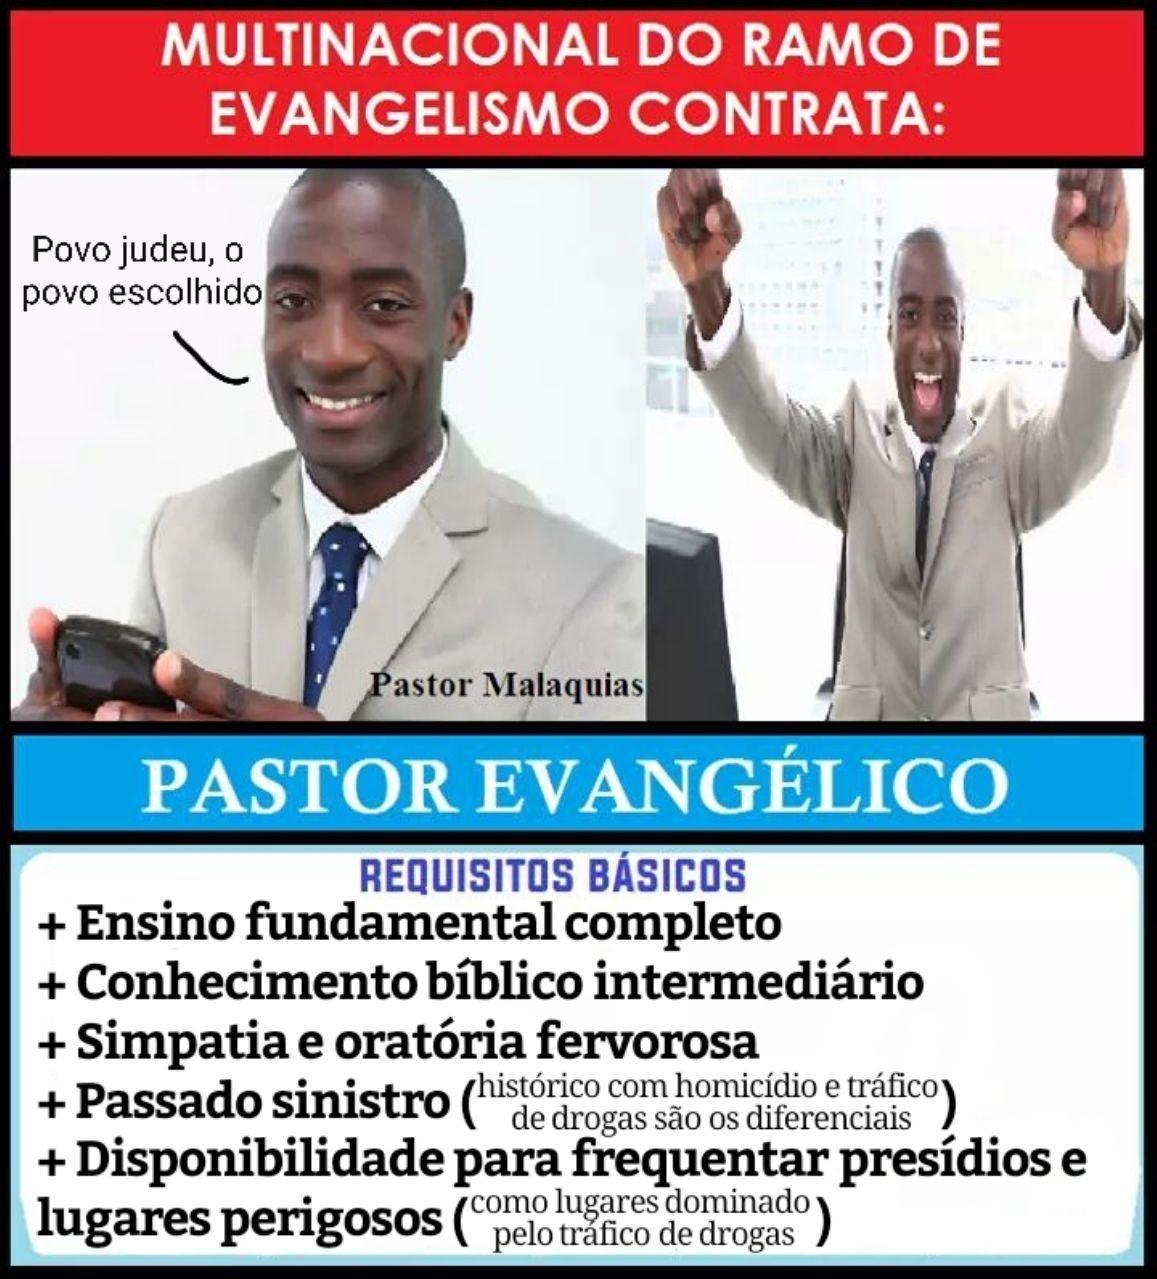 Pré-requisito para ser pastor evangélico = Ter um QI abaixo de 50 - meme